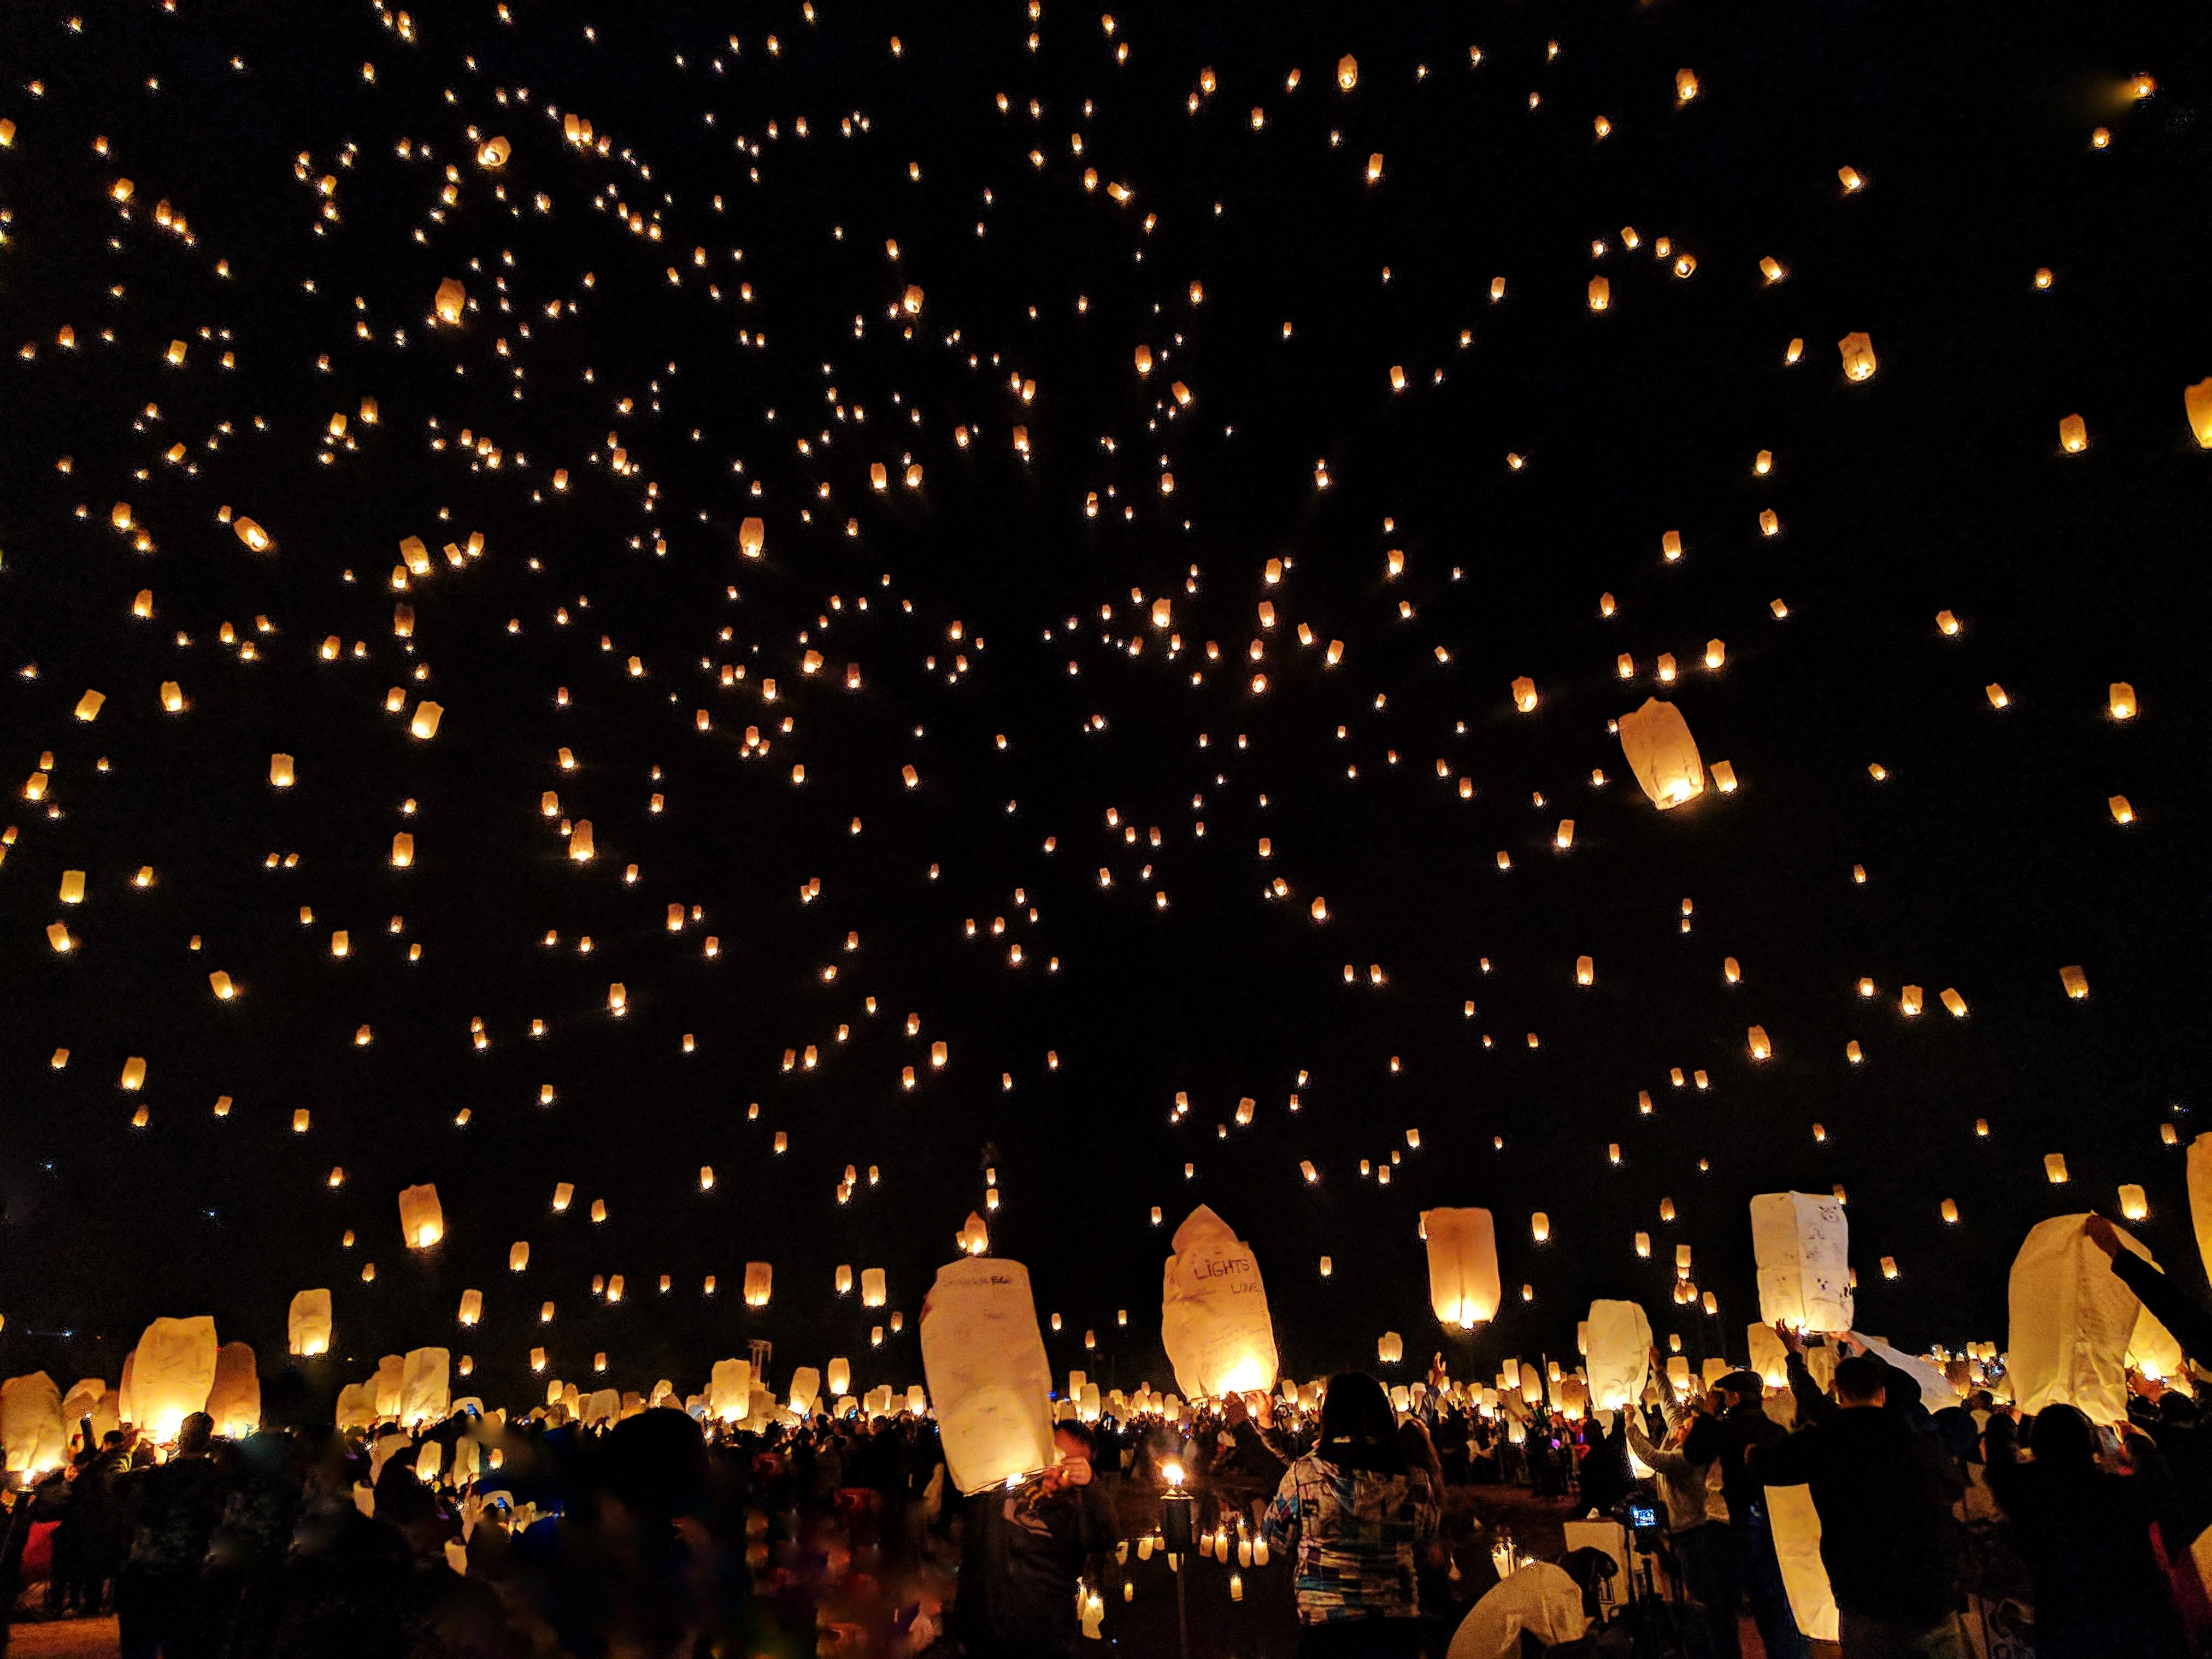 crowd delighting in sky lantern celebration